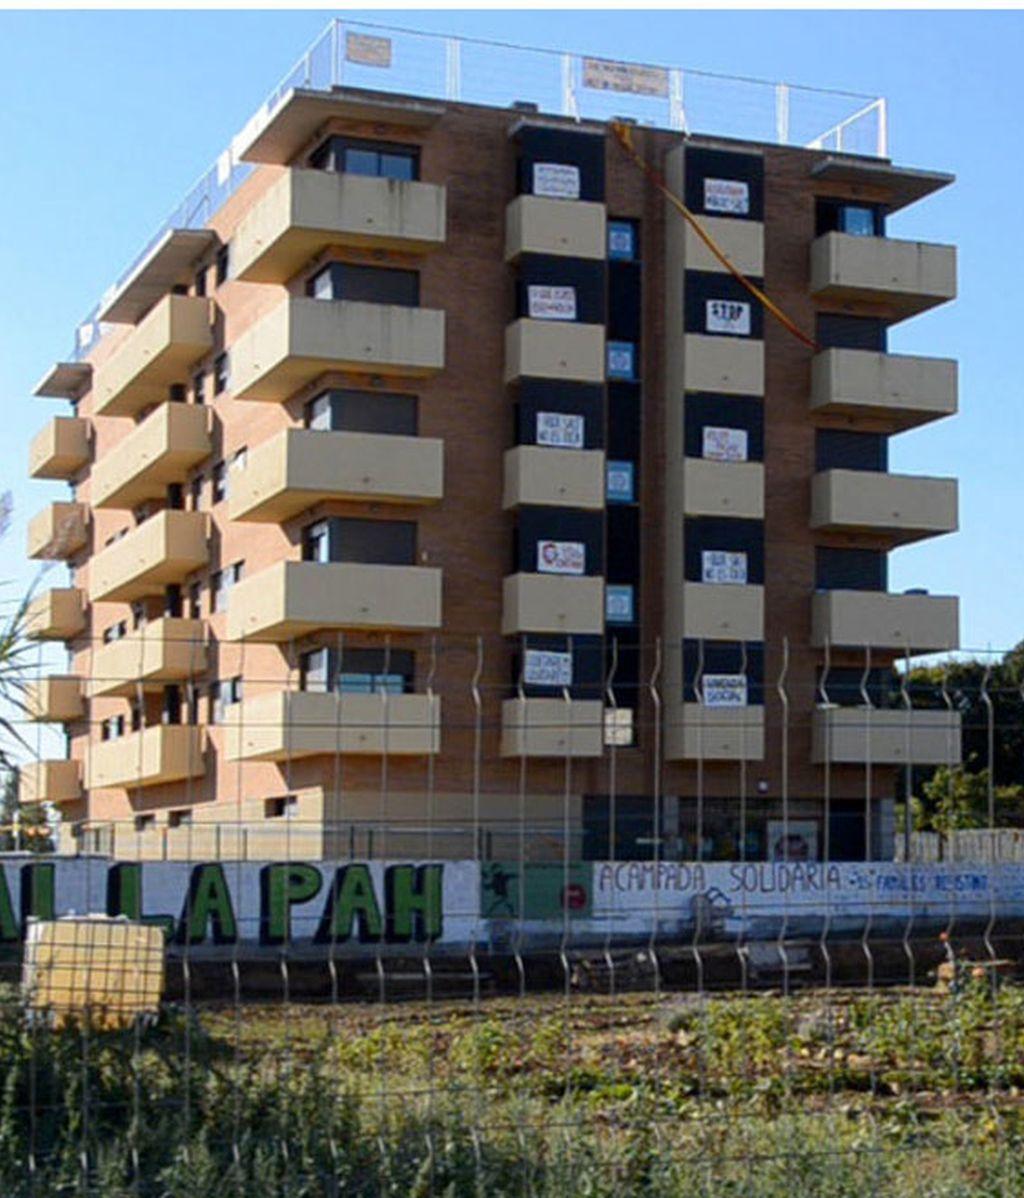 Barcelona asume la propuesta de la pah y multar a los for Pisos de bancos en barcelona